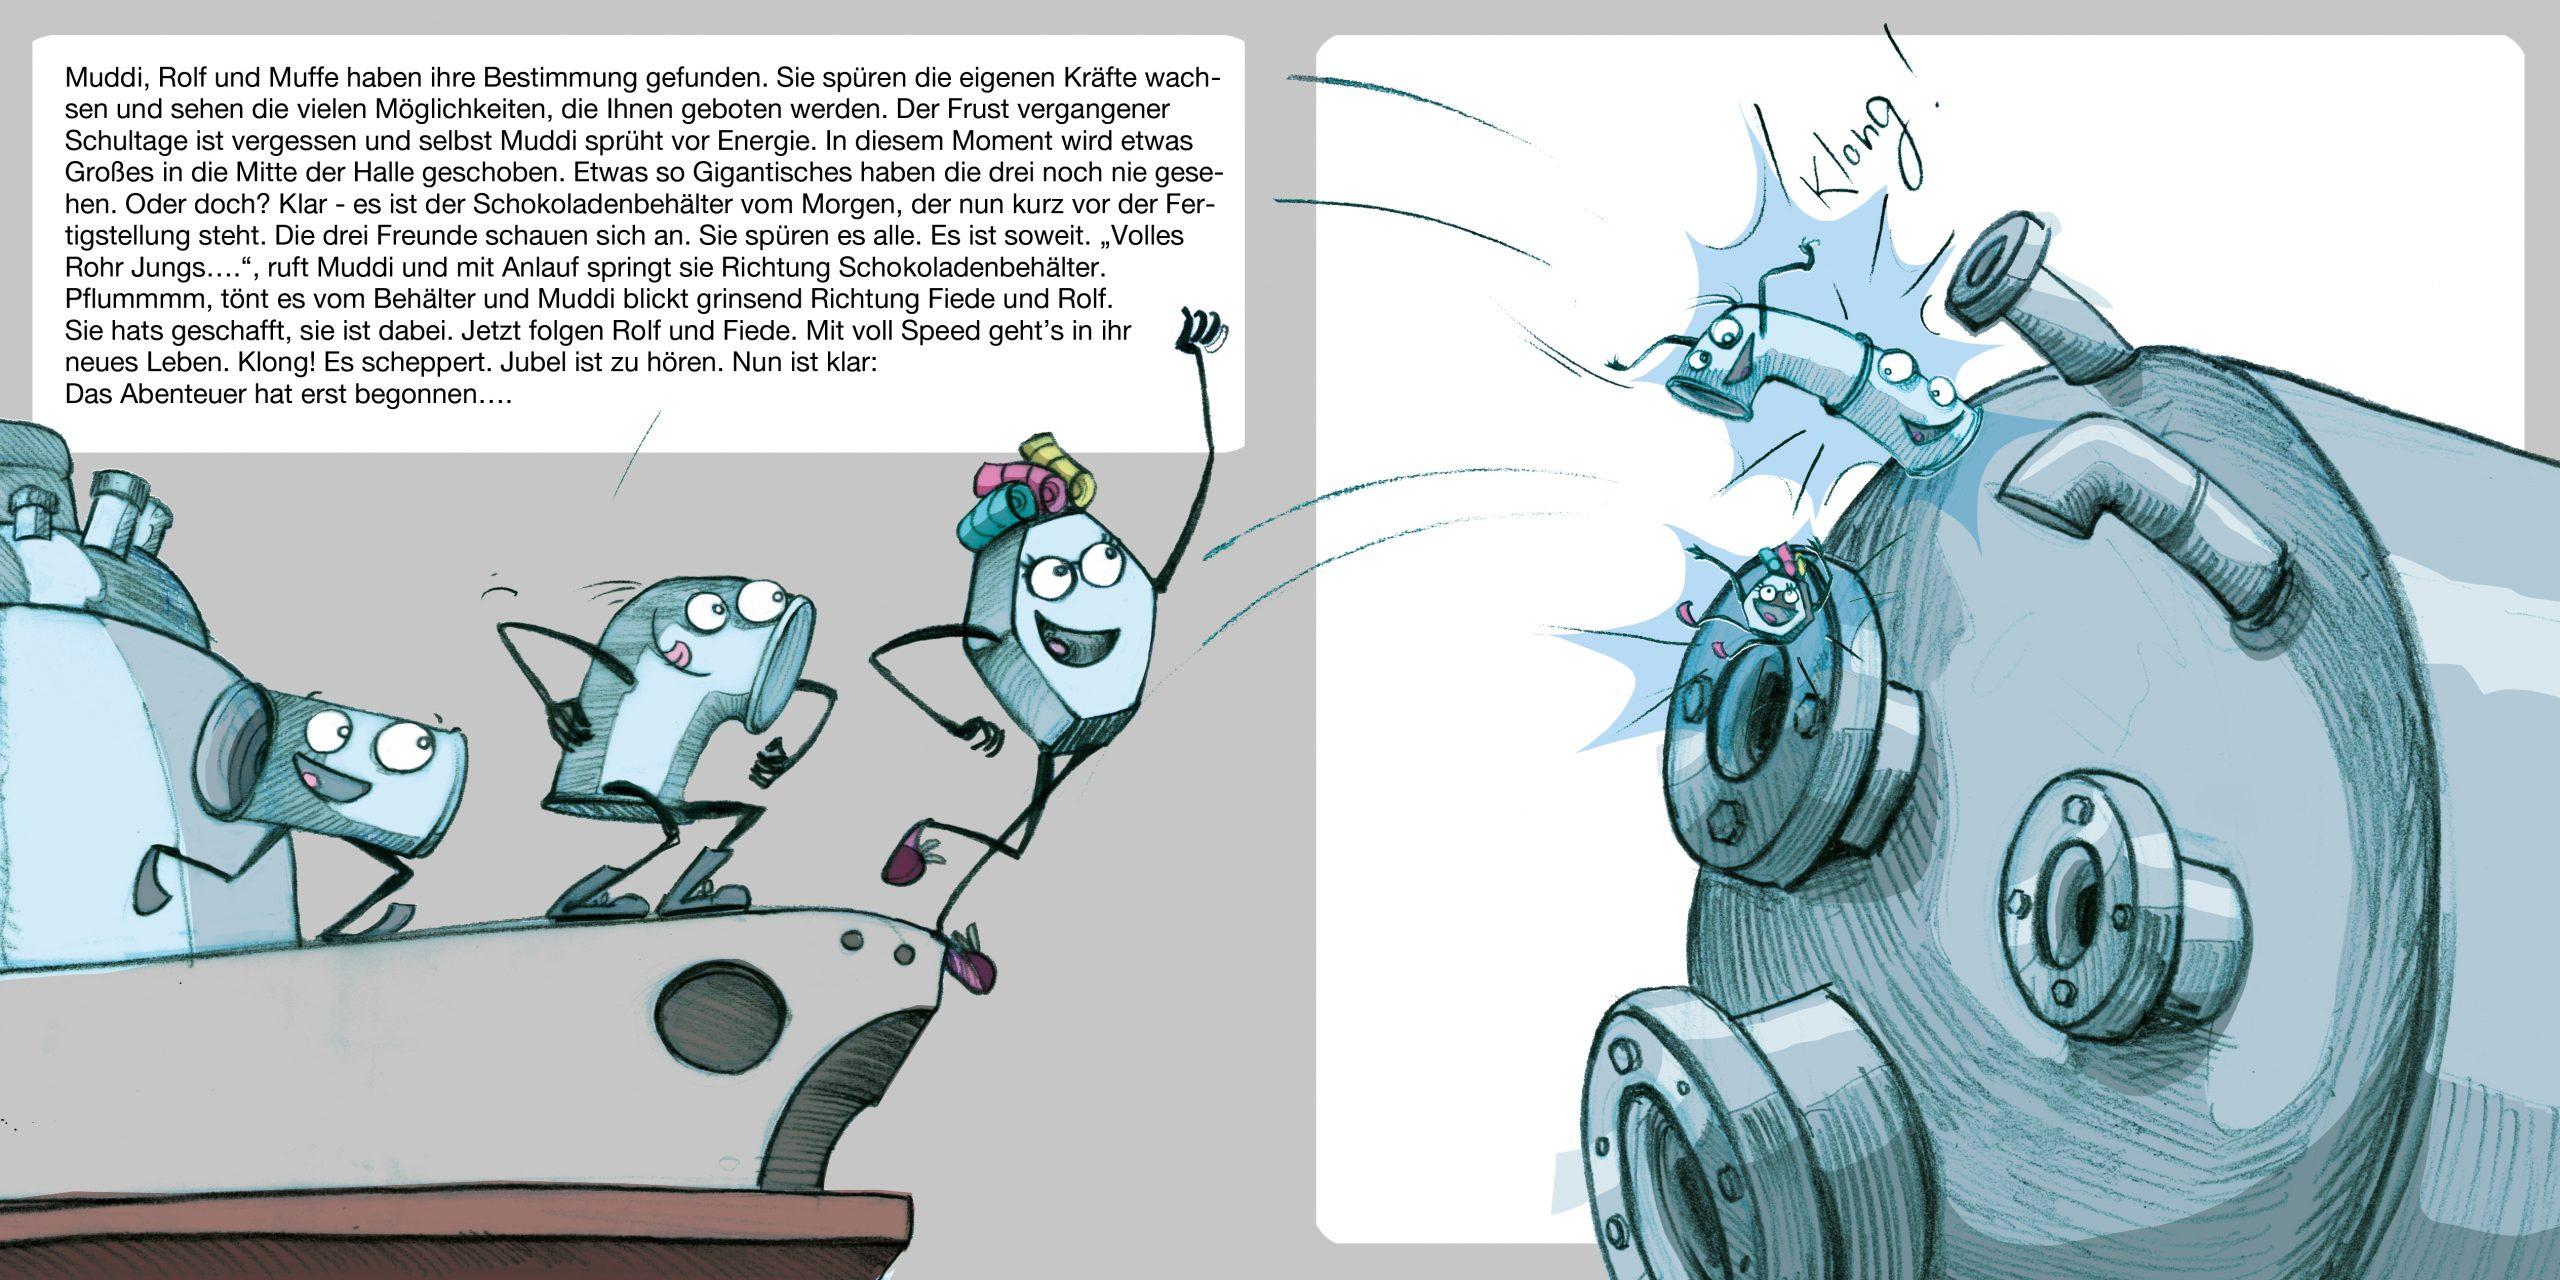 GK Kliewe Infobroschüre, Handlungsstrang 1, Doppelseite 10